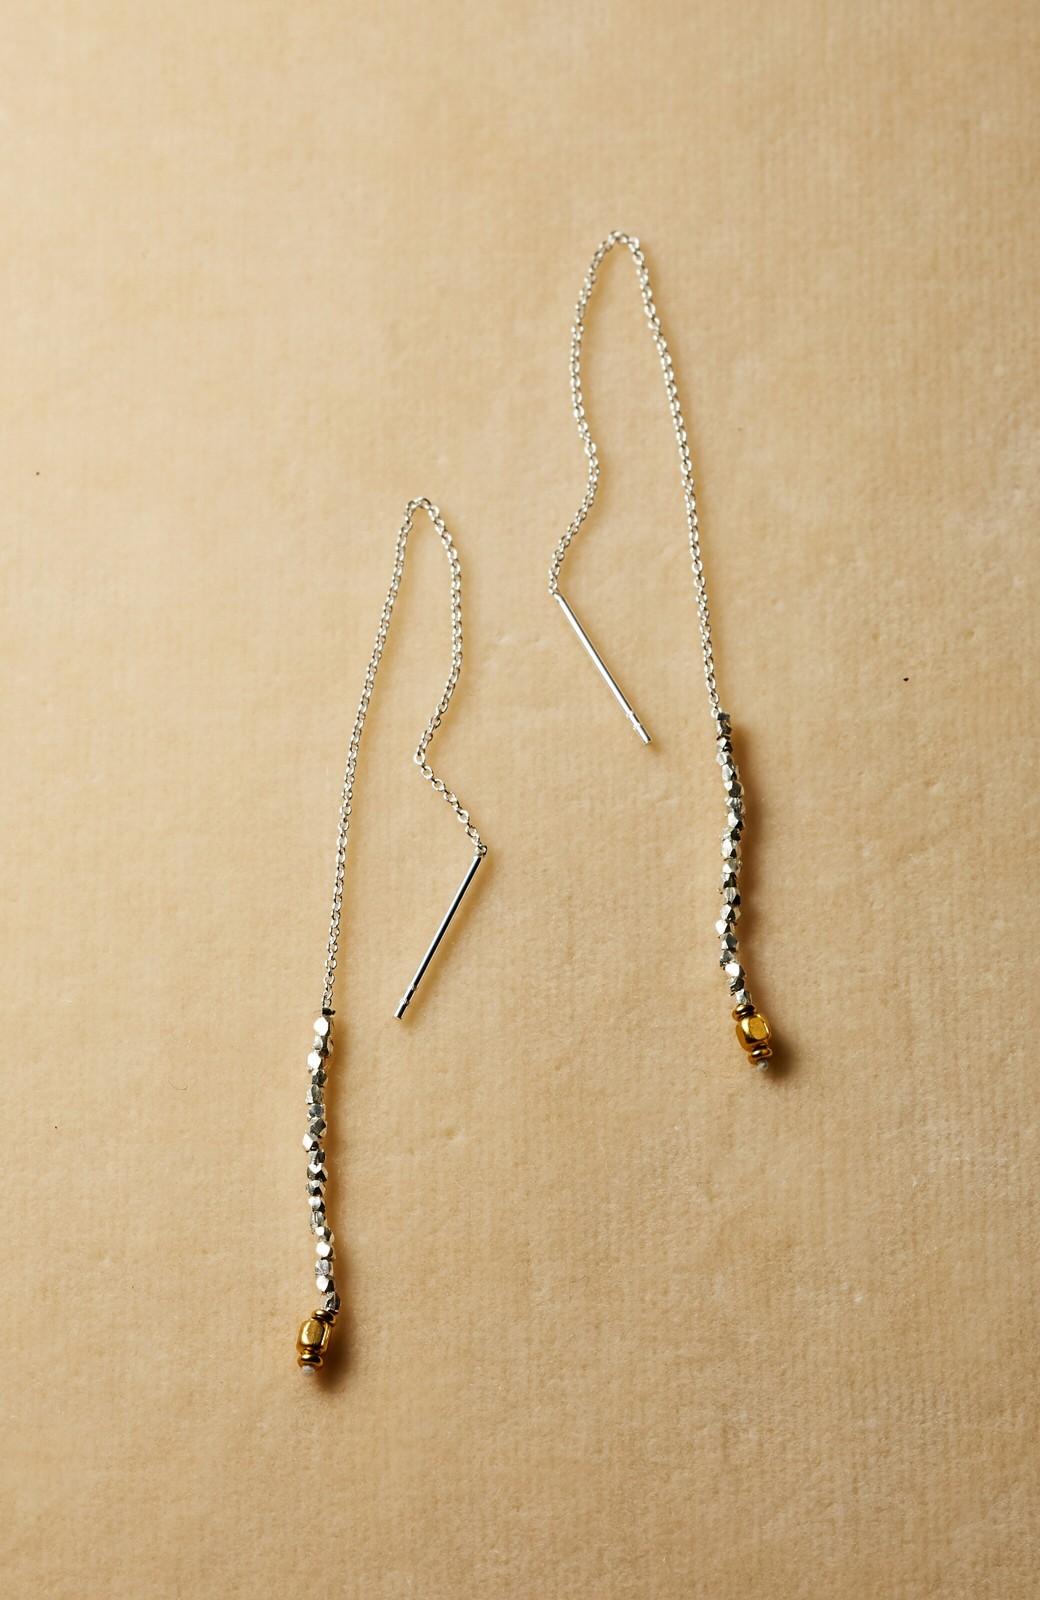 haco! 繊細な仕上がりが女性らしさを際立たせるチェーン&ビーズピアスplala by ciika  <ゴールド>の商品写真1